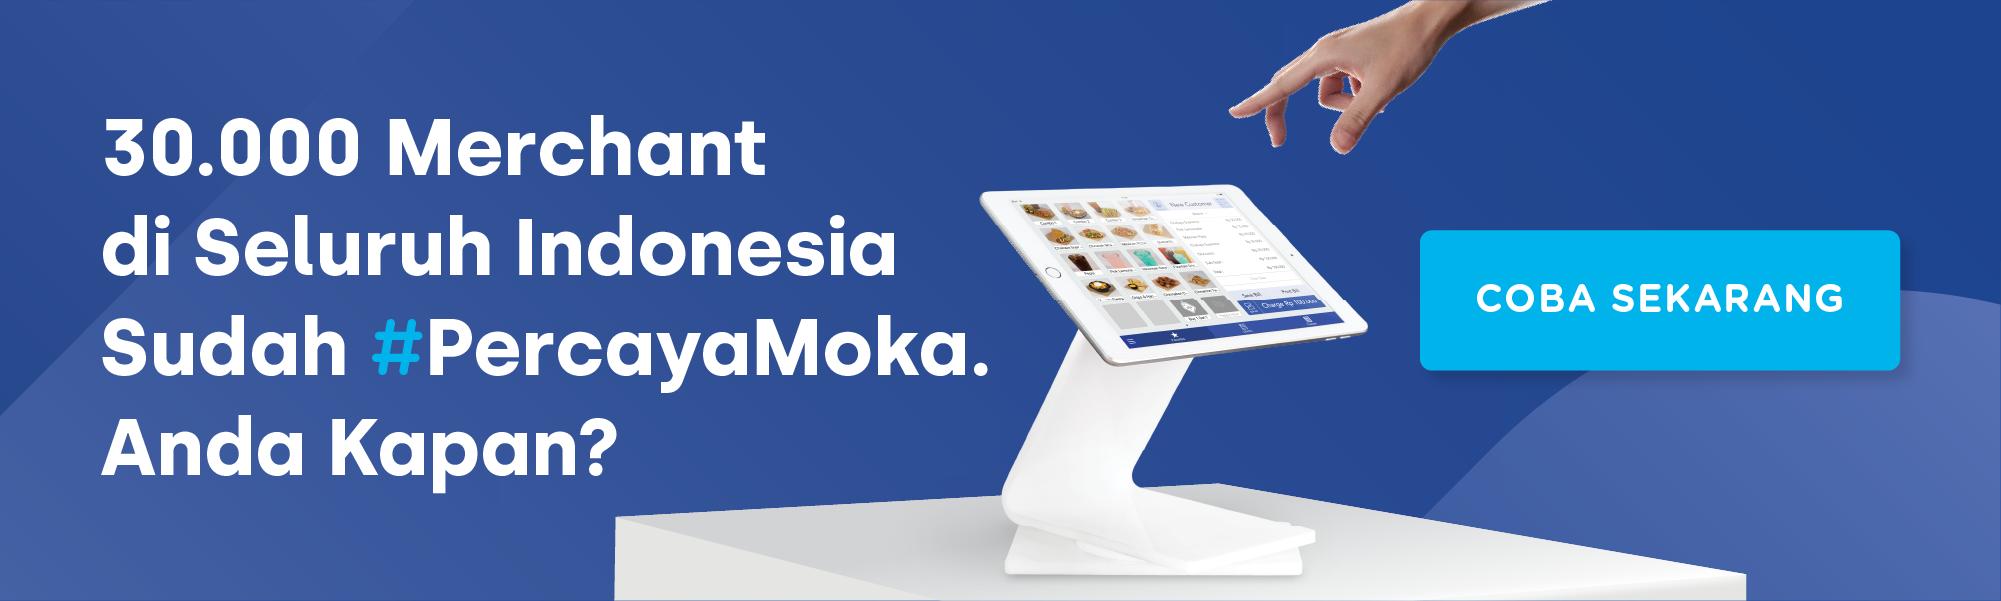 Moka POS, Aplikasi Kasir Andalan Pebisnis di Seluruh Indonesia